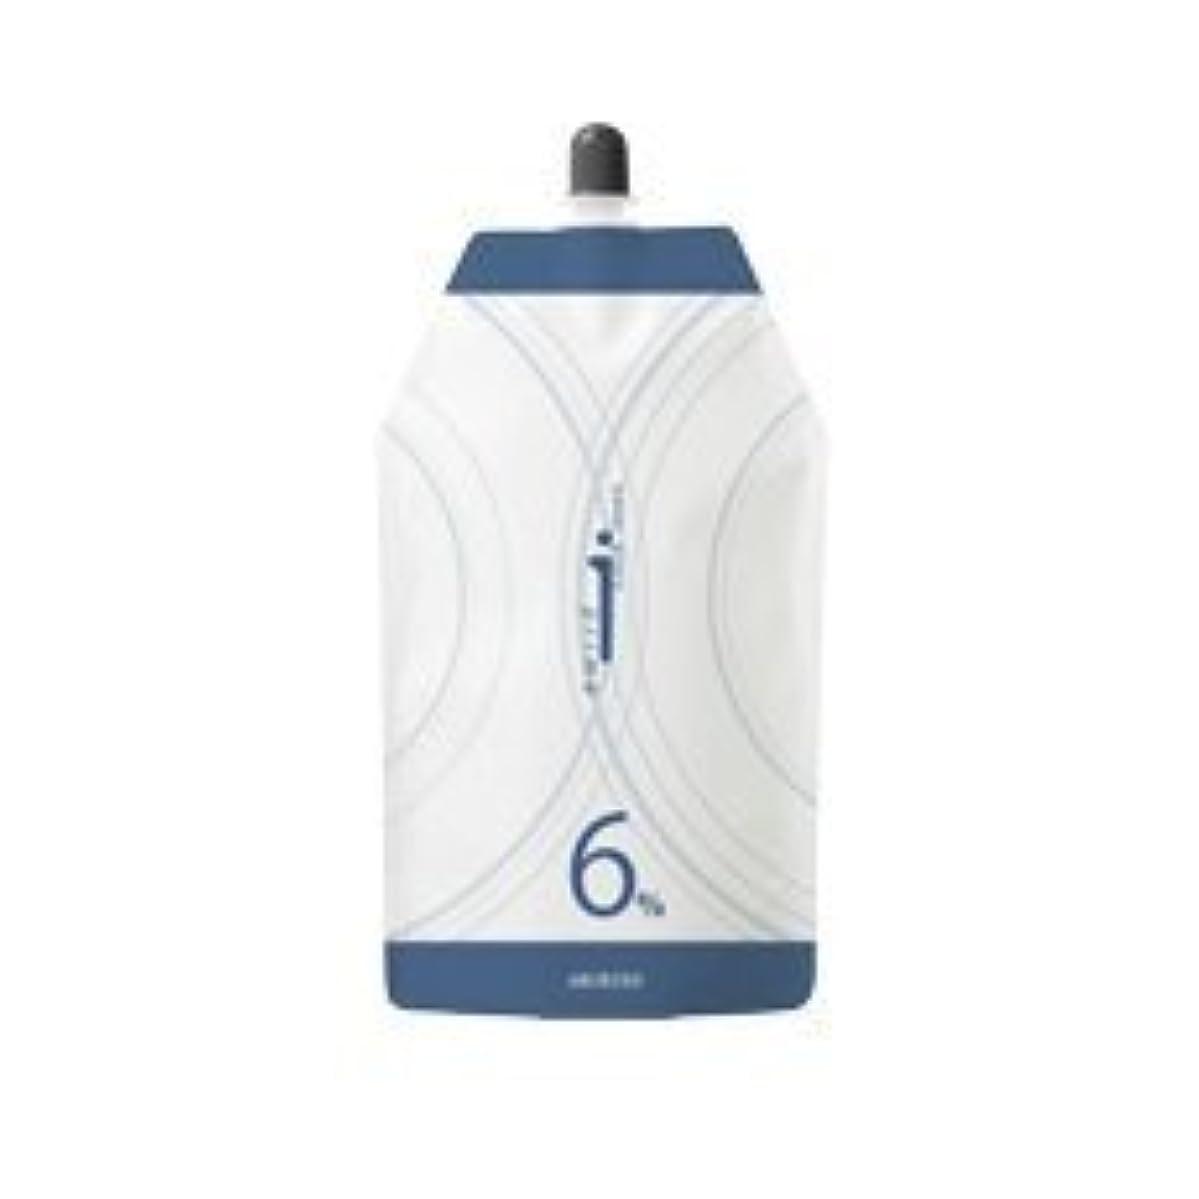 賠償高度な茎アリミノ カラーストーリーiプライム ヘアカラー OX6% 1000g (ヘアカラー2剤)【業務用】【医薬部外品】